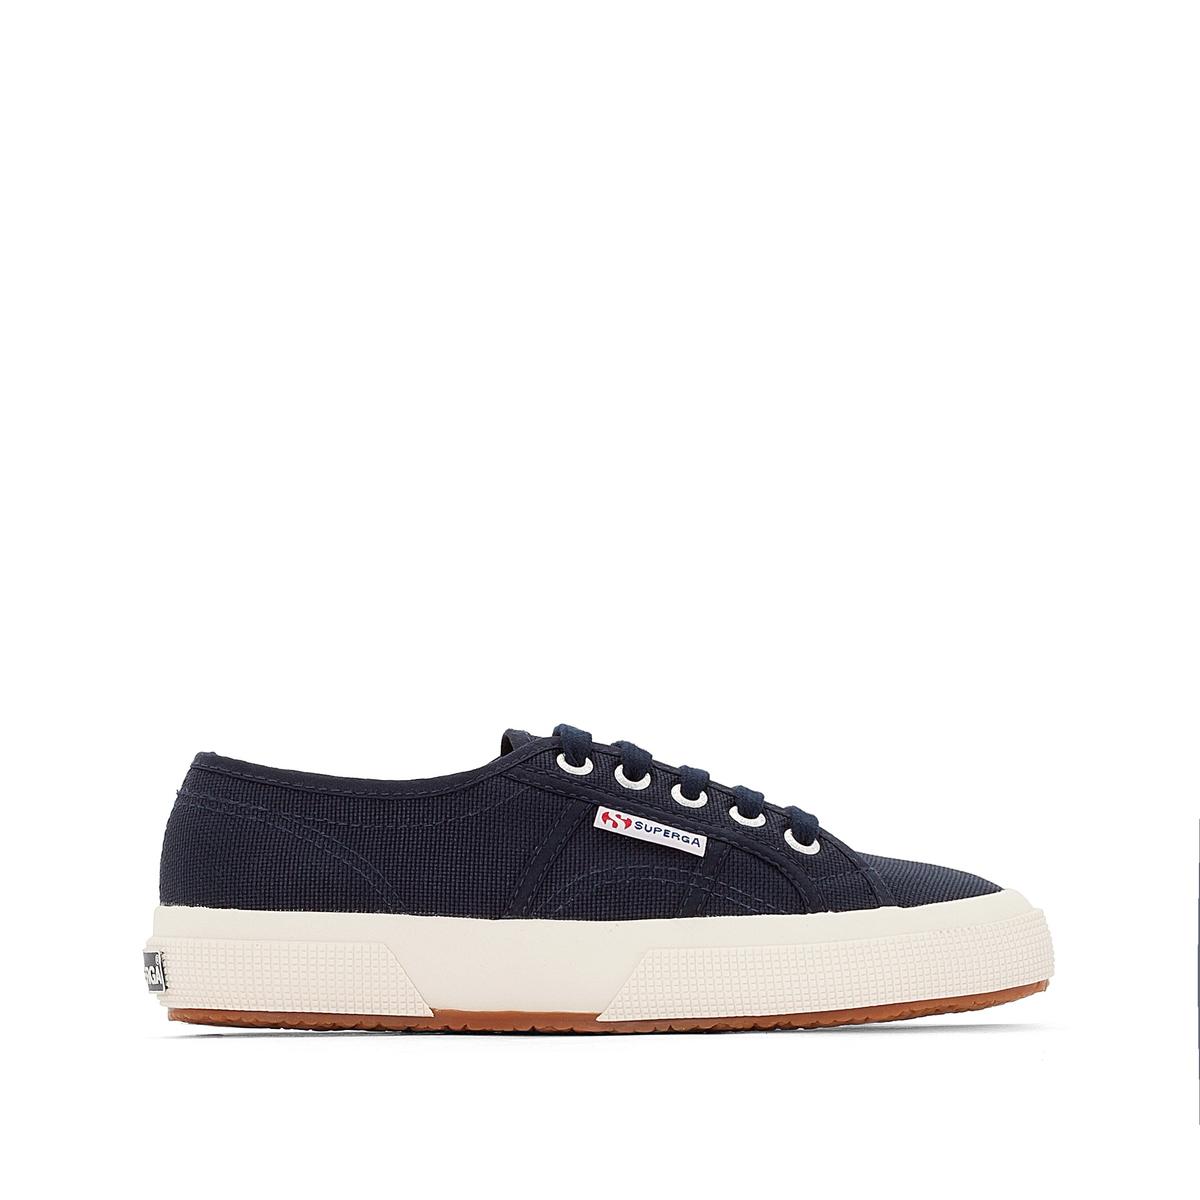 Кроссовки SUPERGA 2750 COTU CLASSIC.Кроссовки низкие из хлопка, на шнурках, 2750 COTU CLASSIC от SUPERGA.Верх  : 100% хлопкаСтелька  : хлопок.Подошва  : каучукЗастежка : шнуровка. Созданный в 1925 году, легендарный бренд Superga 2750 по-прежнему предлагает незаменимые в нашем гардеробе вещи. Вы обязательно оцените совершенный дизайн этих моделей, ощутите комфорт хлопка и нескользящей подошвы из вулканизированного каучука.<br><br>Цвет: темно-синий